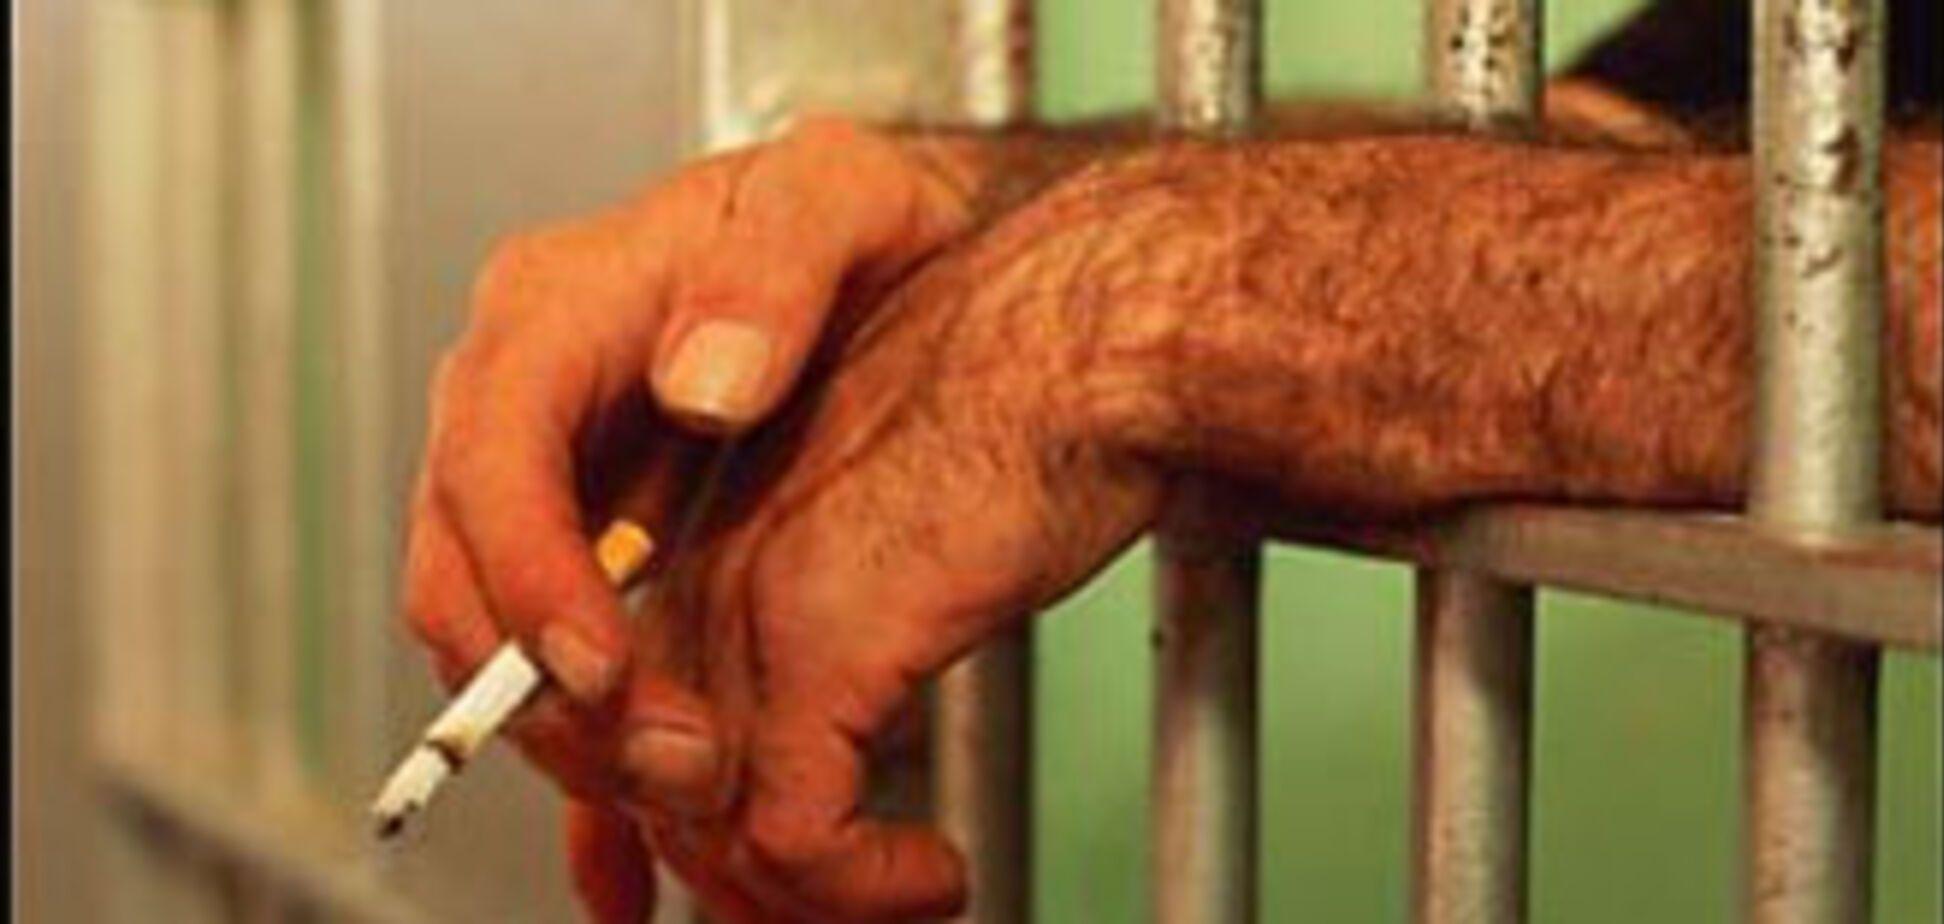 Арест экс-главы Минобороны: эксклюзивные подробности